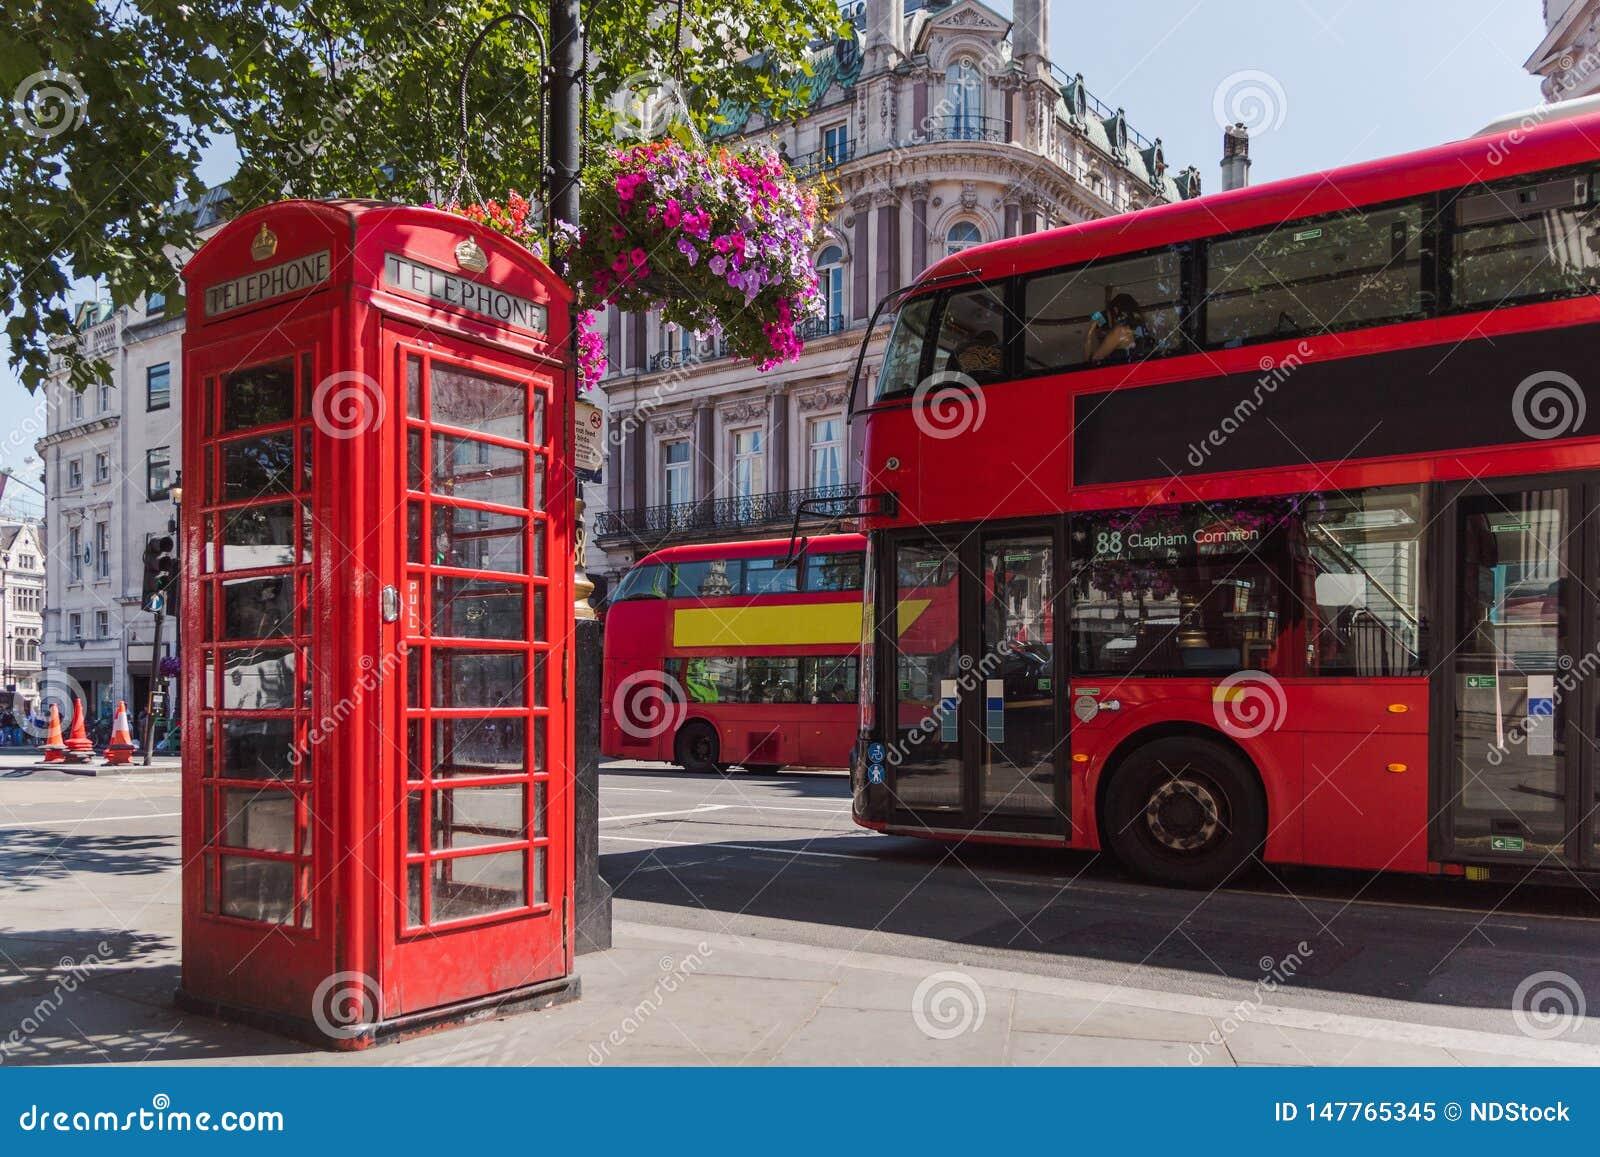 Τηλεφωνική καμπίνα του Λονδίνου και διπλό λεωφορείο καταστρωμάτων